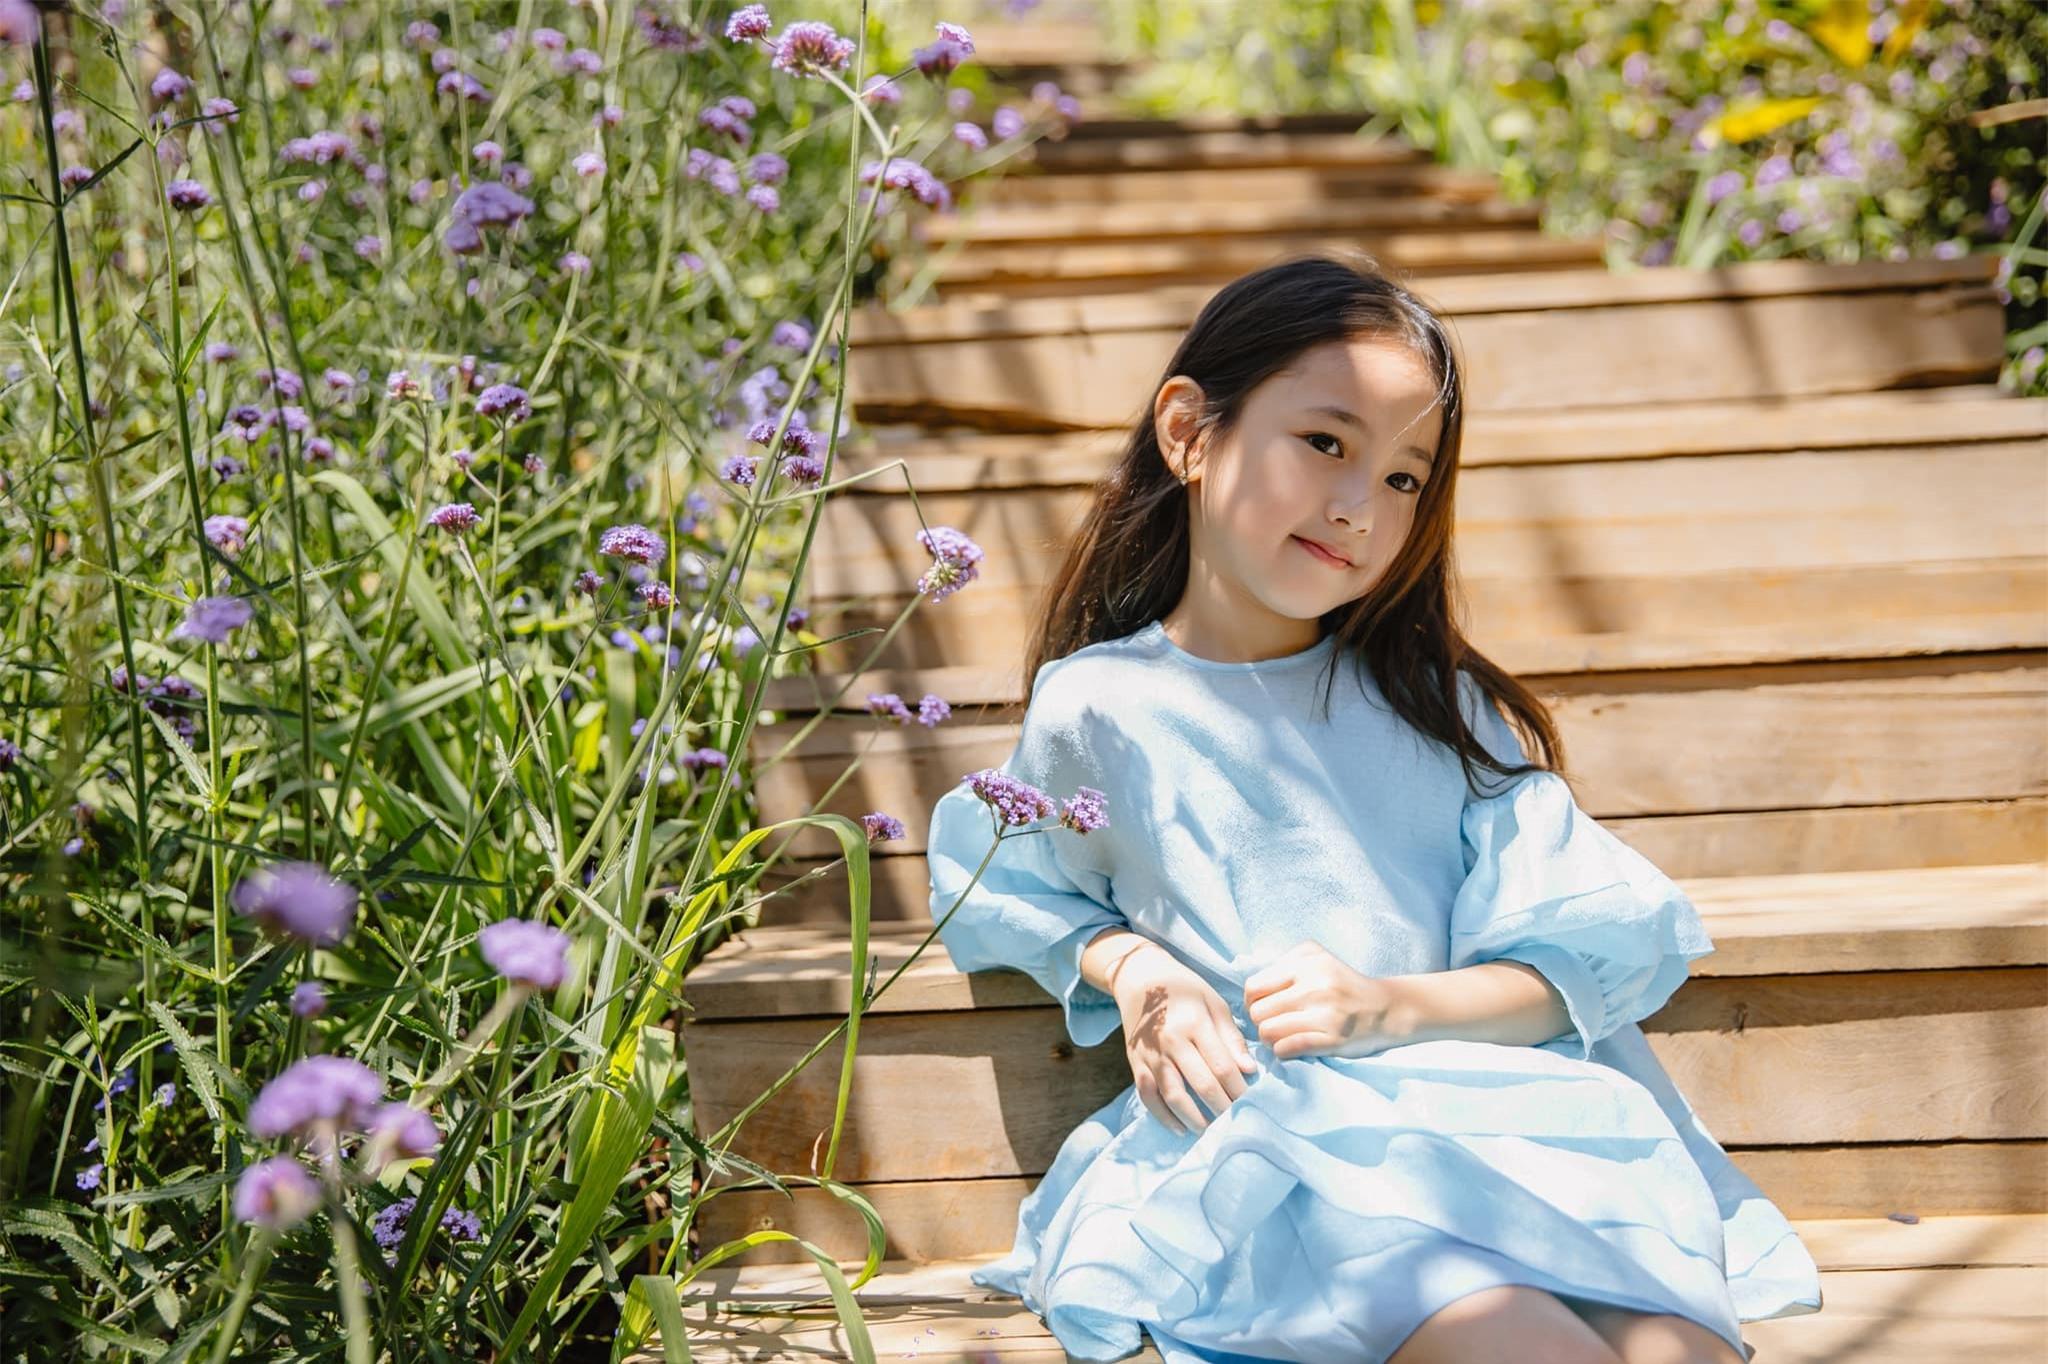 Ái nữ của Hà Kiều Anh bùng nổ visual, ngắm loạt ảnh khoe góc nghiêng và thần thái phải thốt lên tiểu mỹ nhân là đây - Ảnh 2.